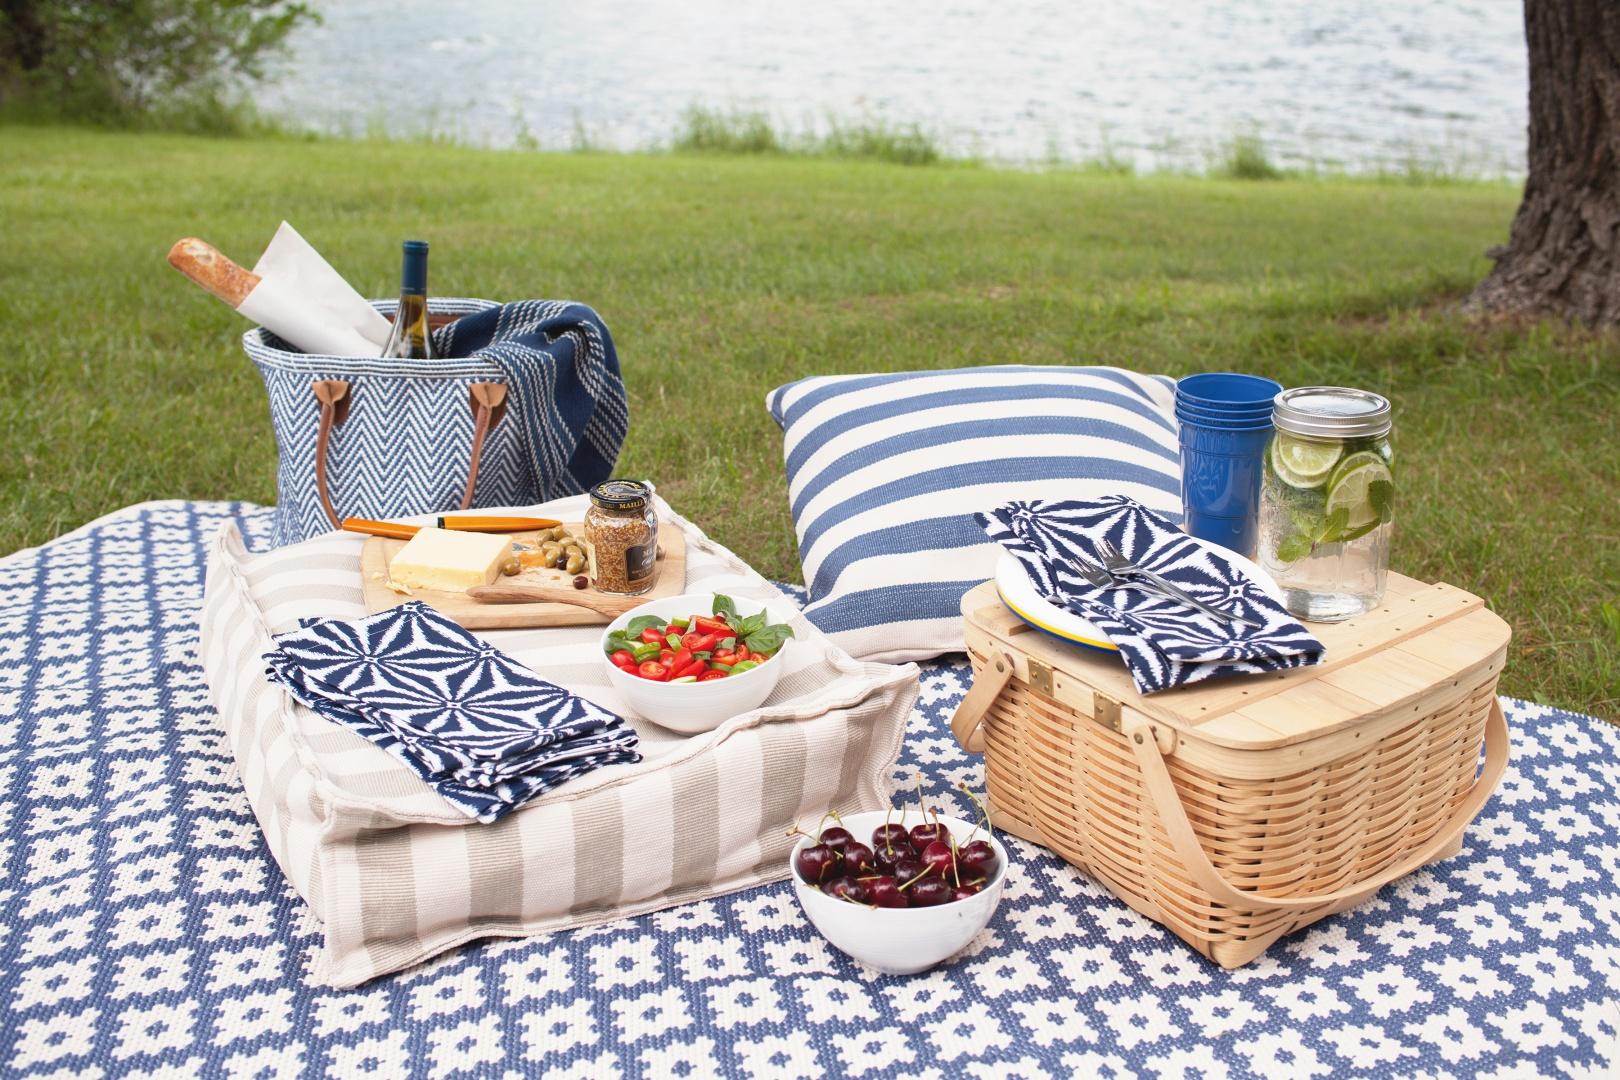 Outdoor-Teppich Blau und Weiß